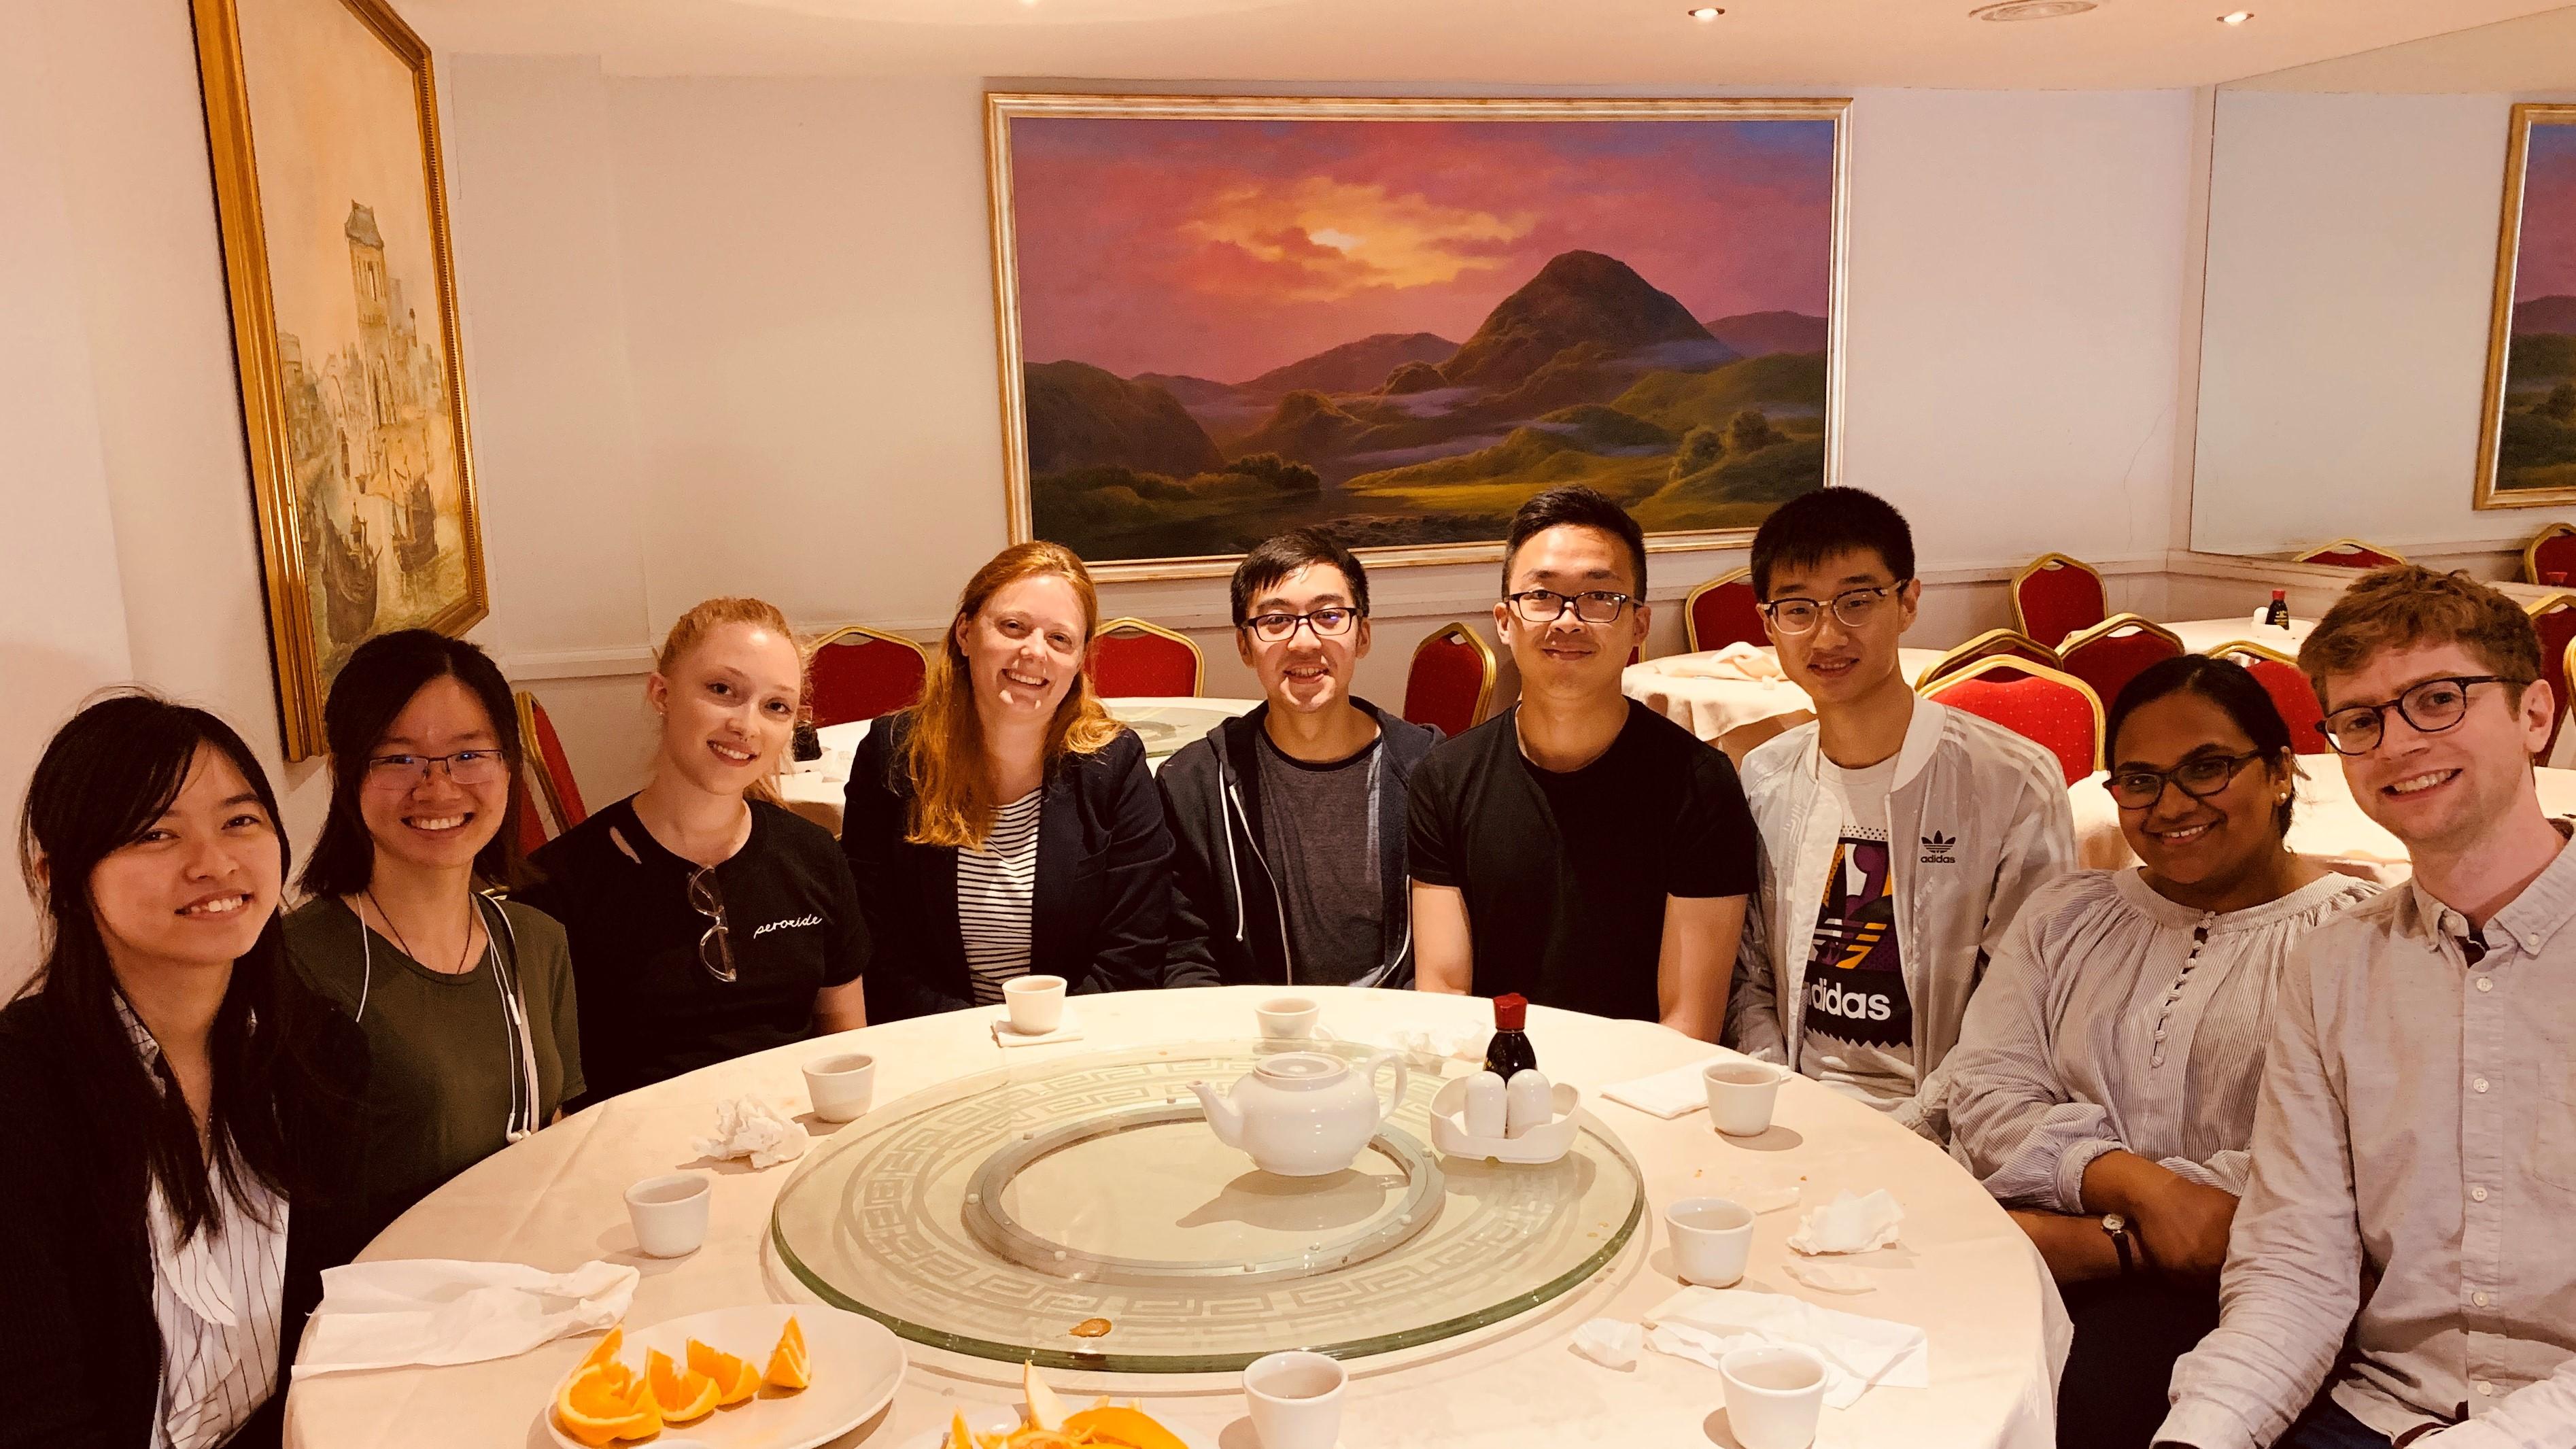 group+meal.jpg